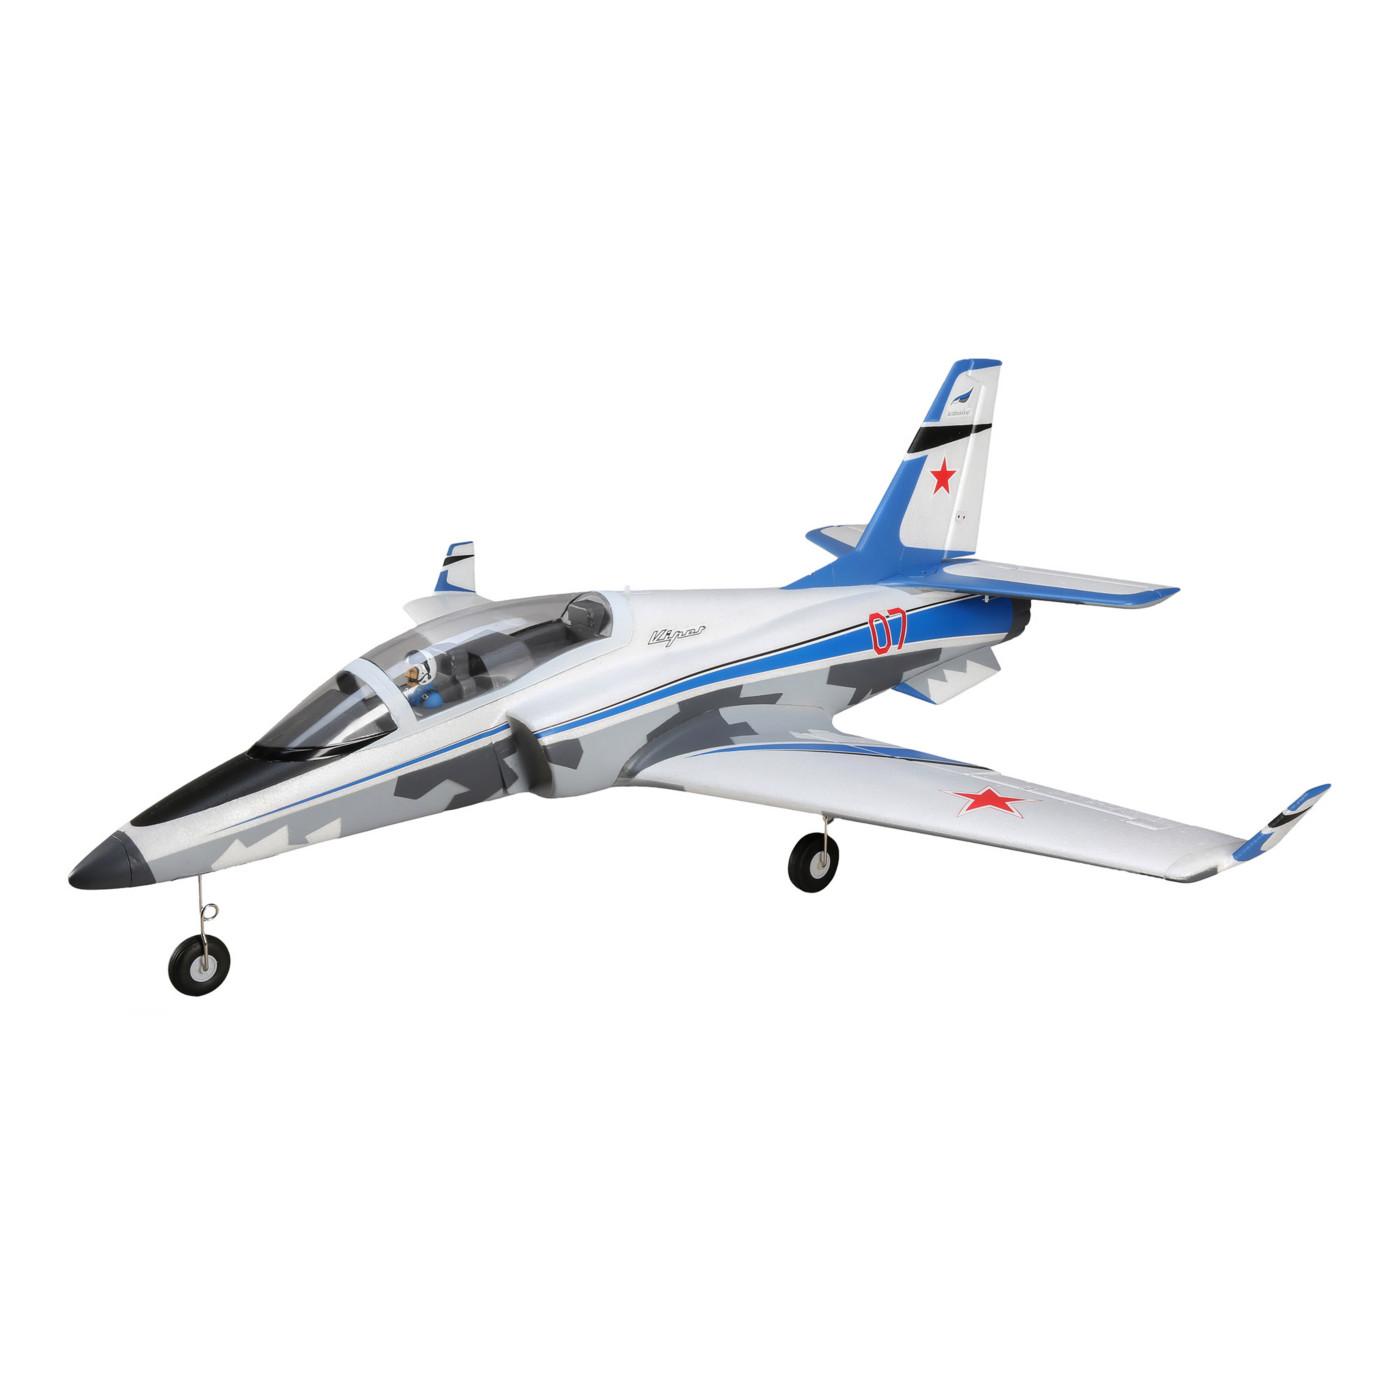 E-flite Viper 70mm EDF Jet PNP